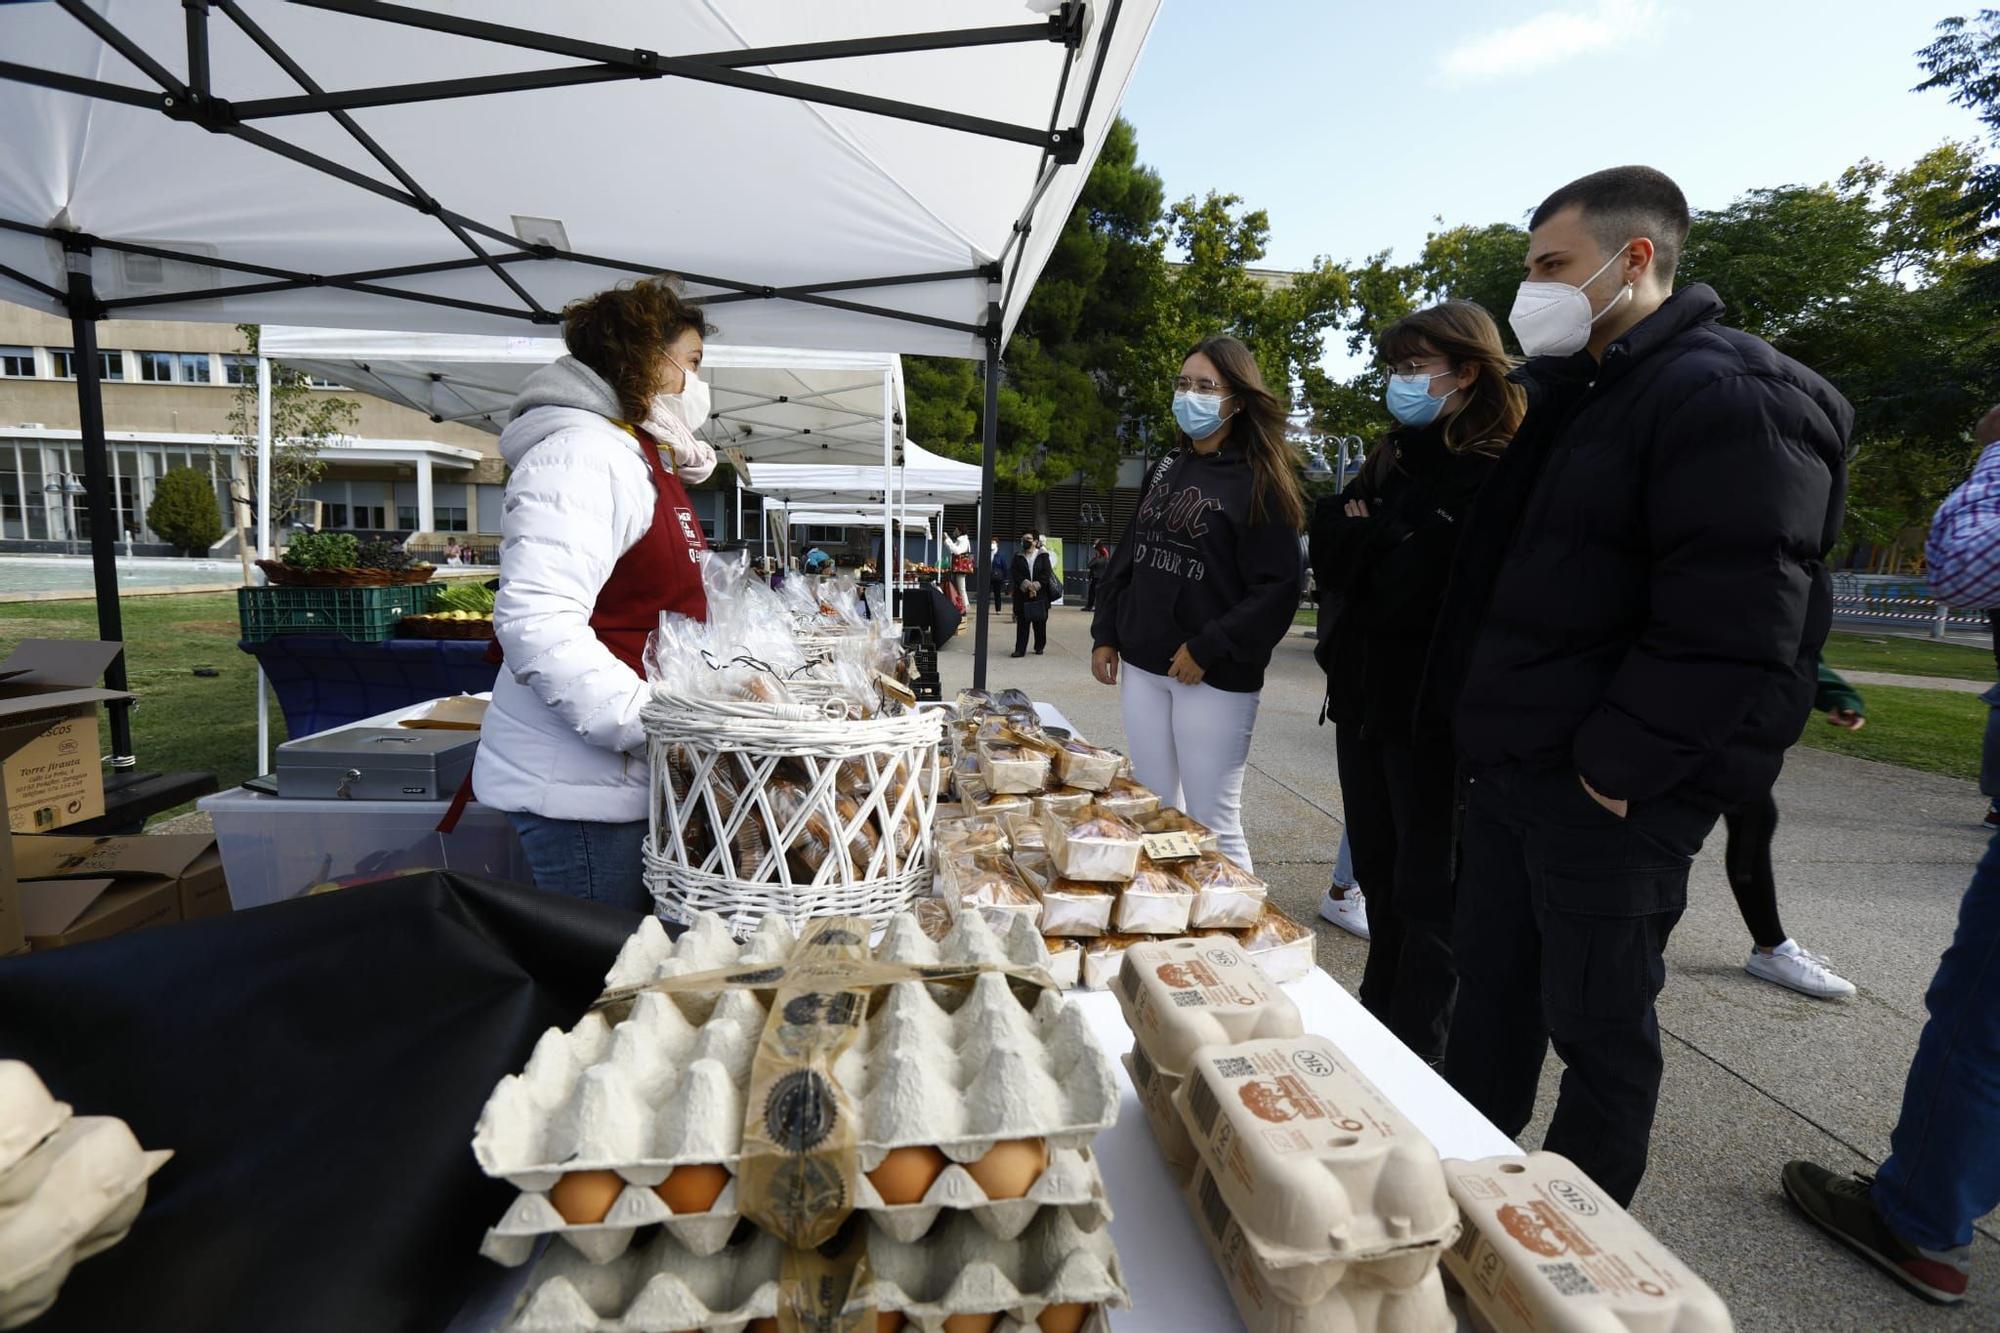 FOTOGALERÍA | El Mercado Agroalimentario de San Francisco ha tenido una buena acogida de visitantes